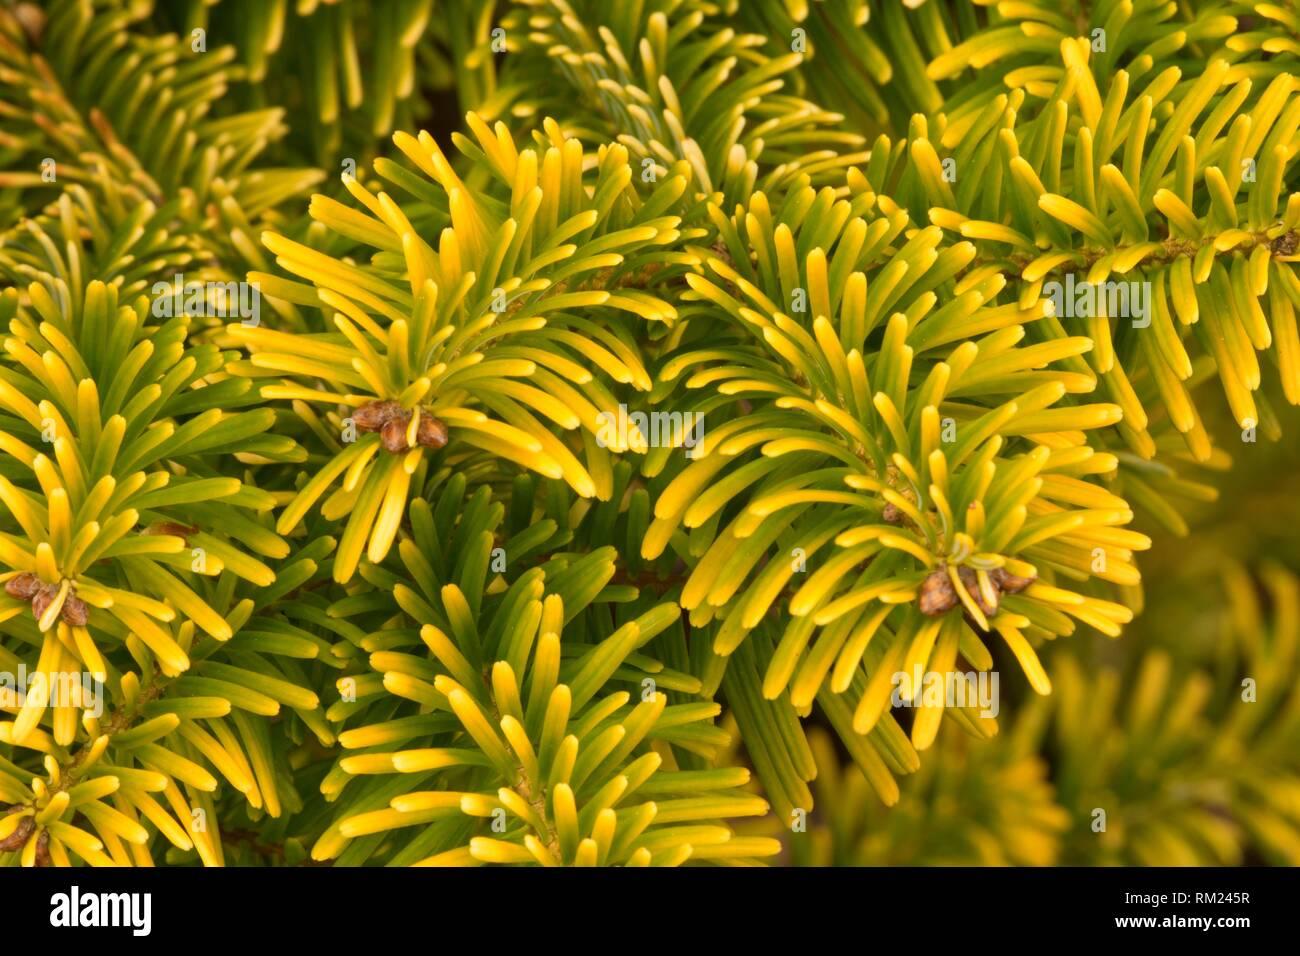 Nordmann fir (Abies nordmanniana), Oregon Garden, Silverton, Oregon. - Stock Image